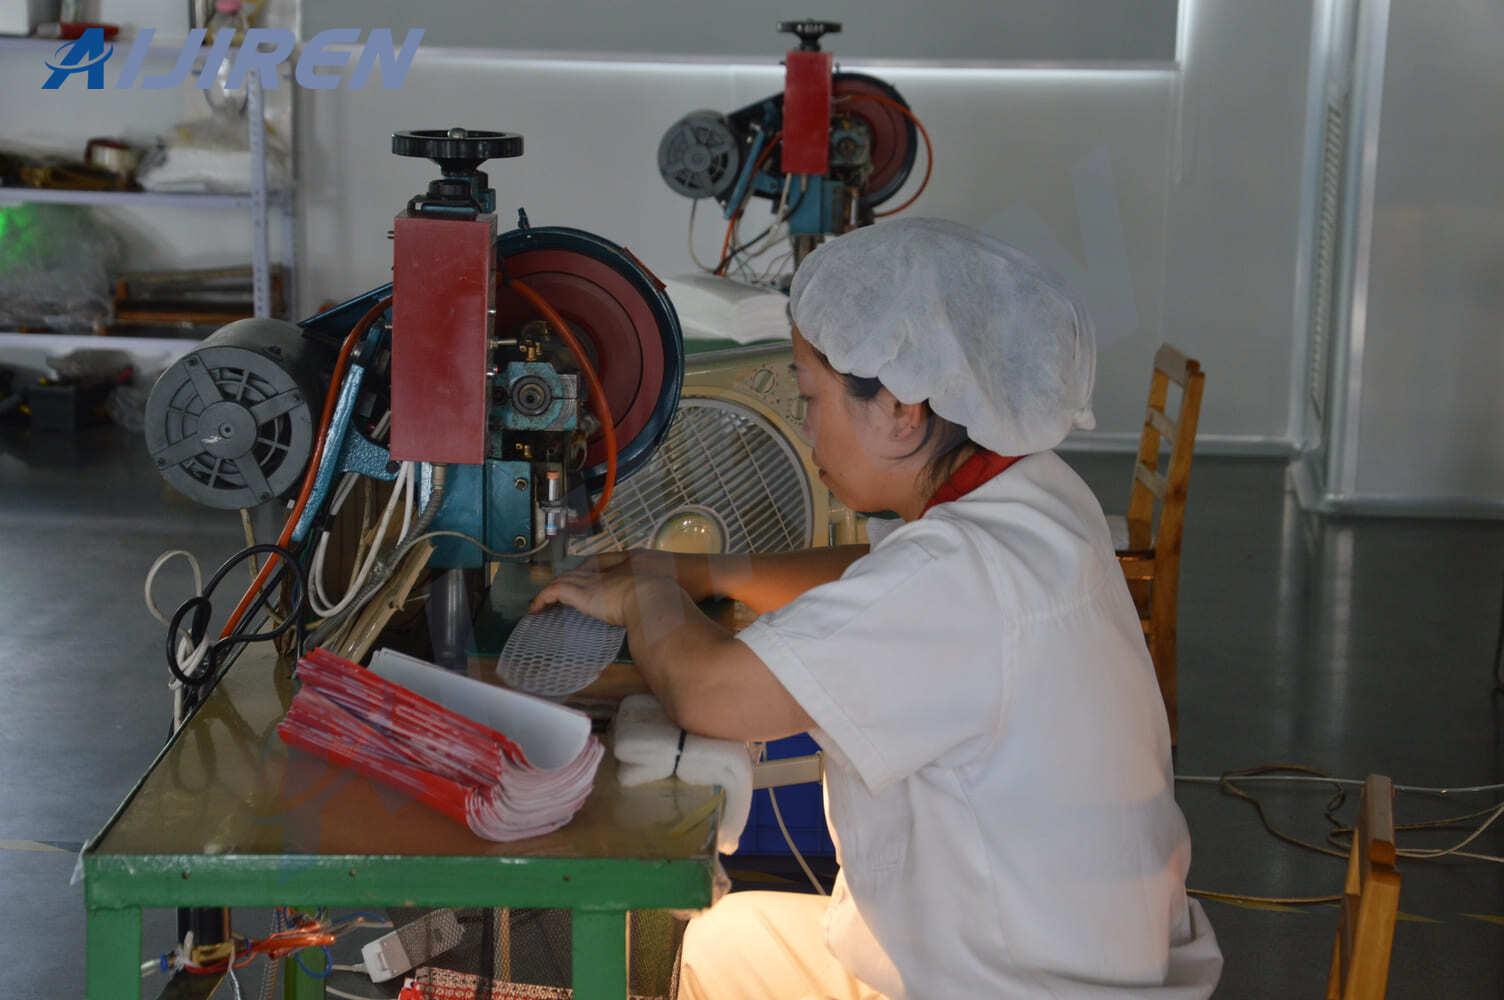 20ml headspace vialAijiren Worker is Cutting Septa